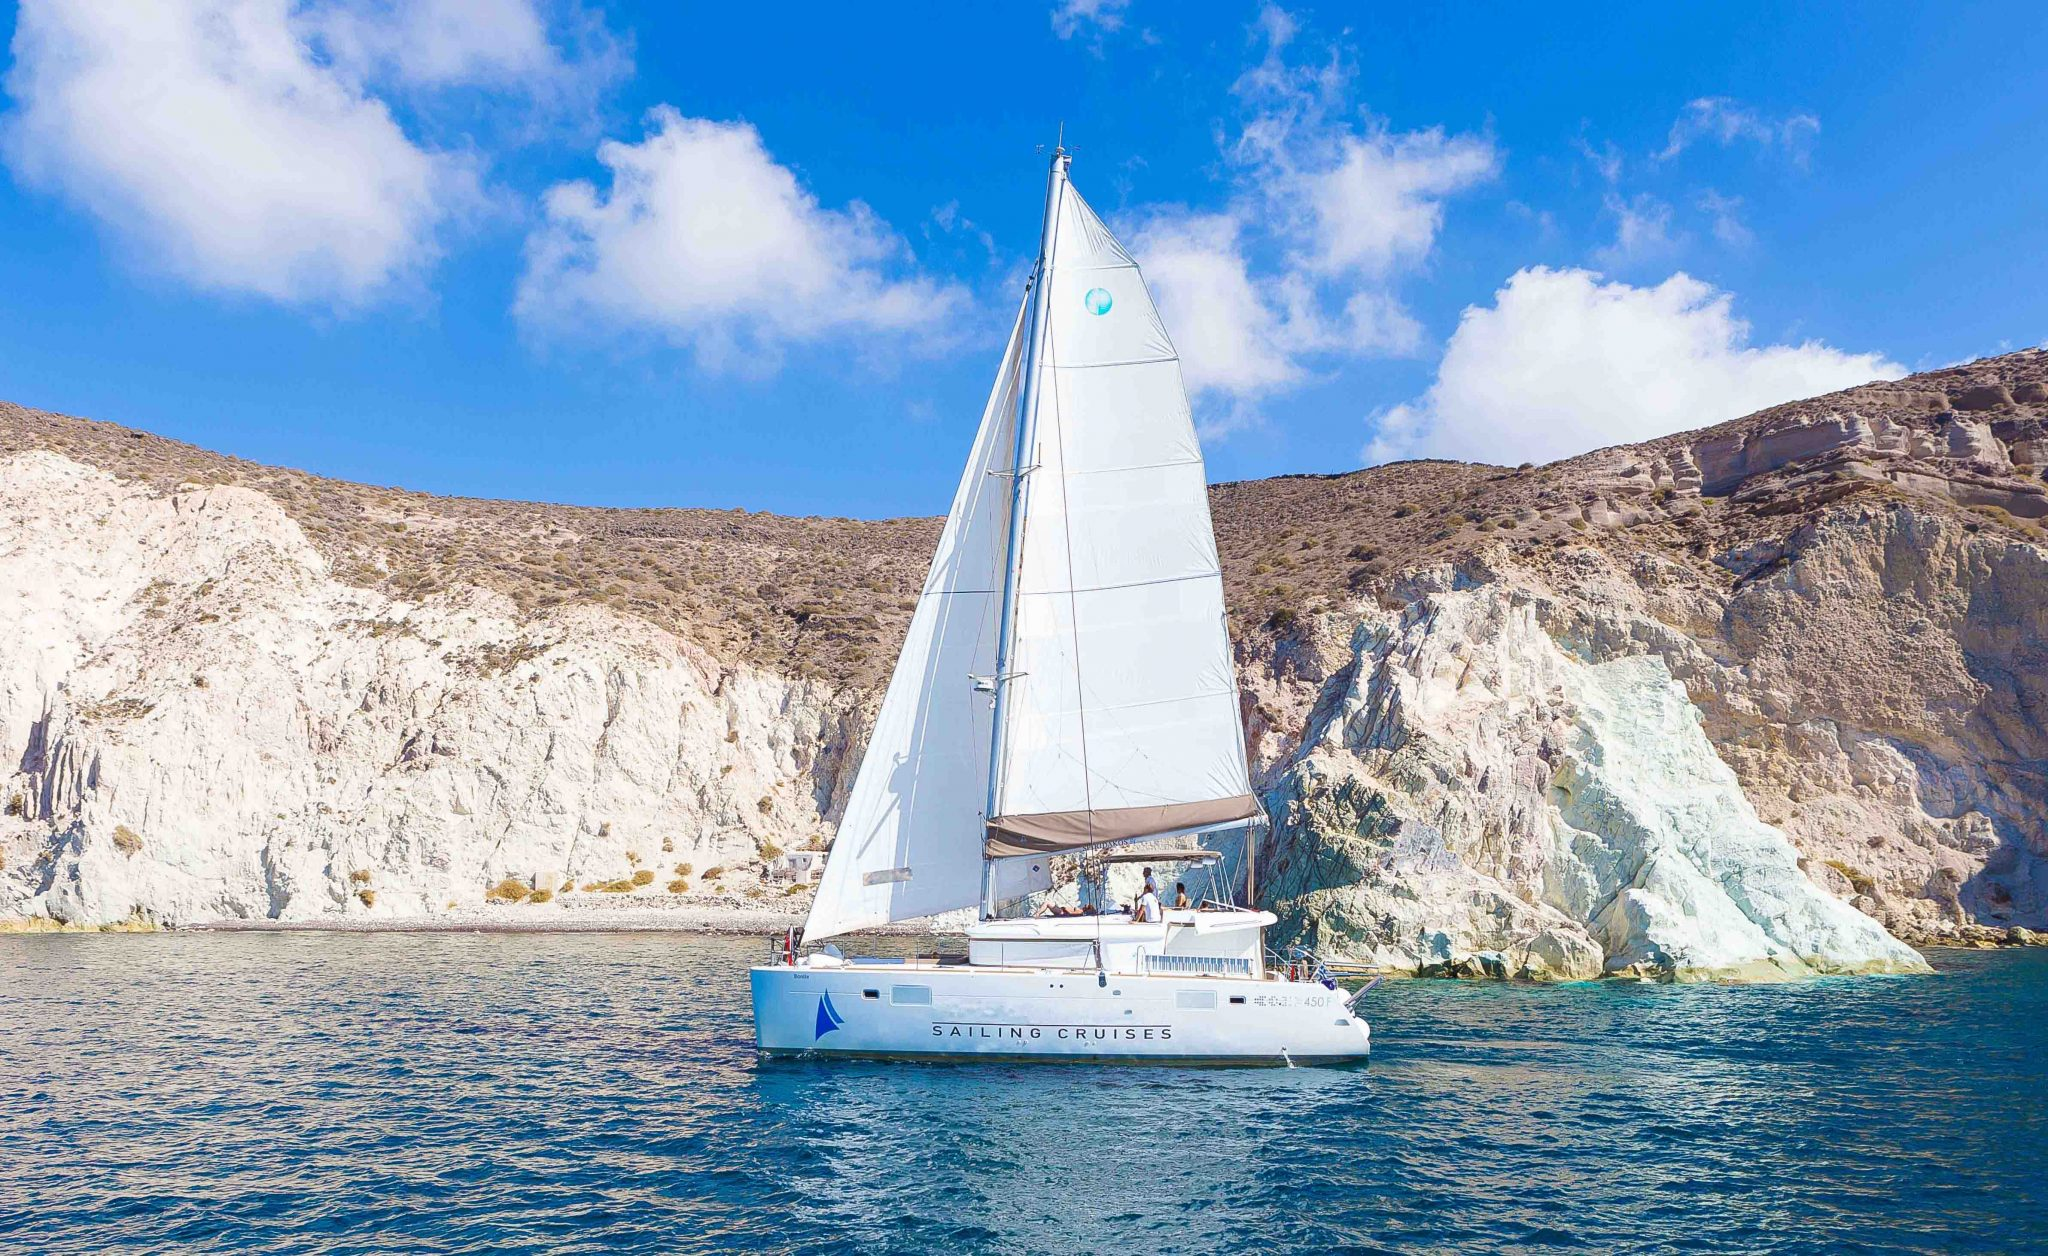 santorini catamaran private tour